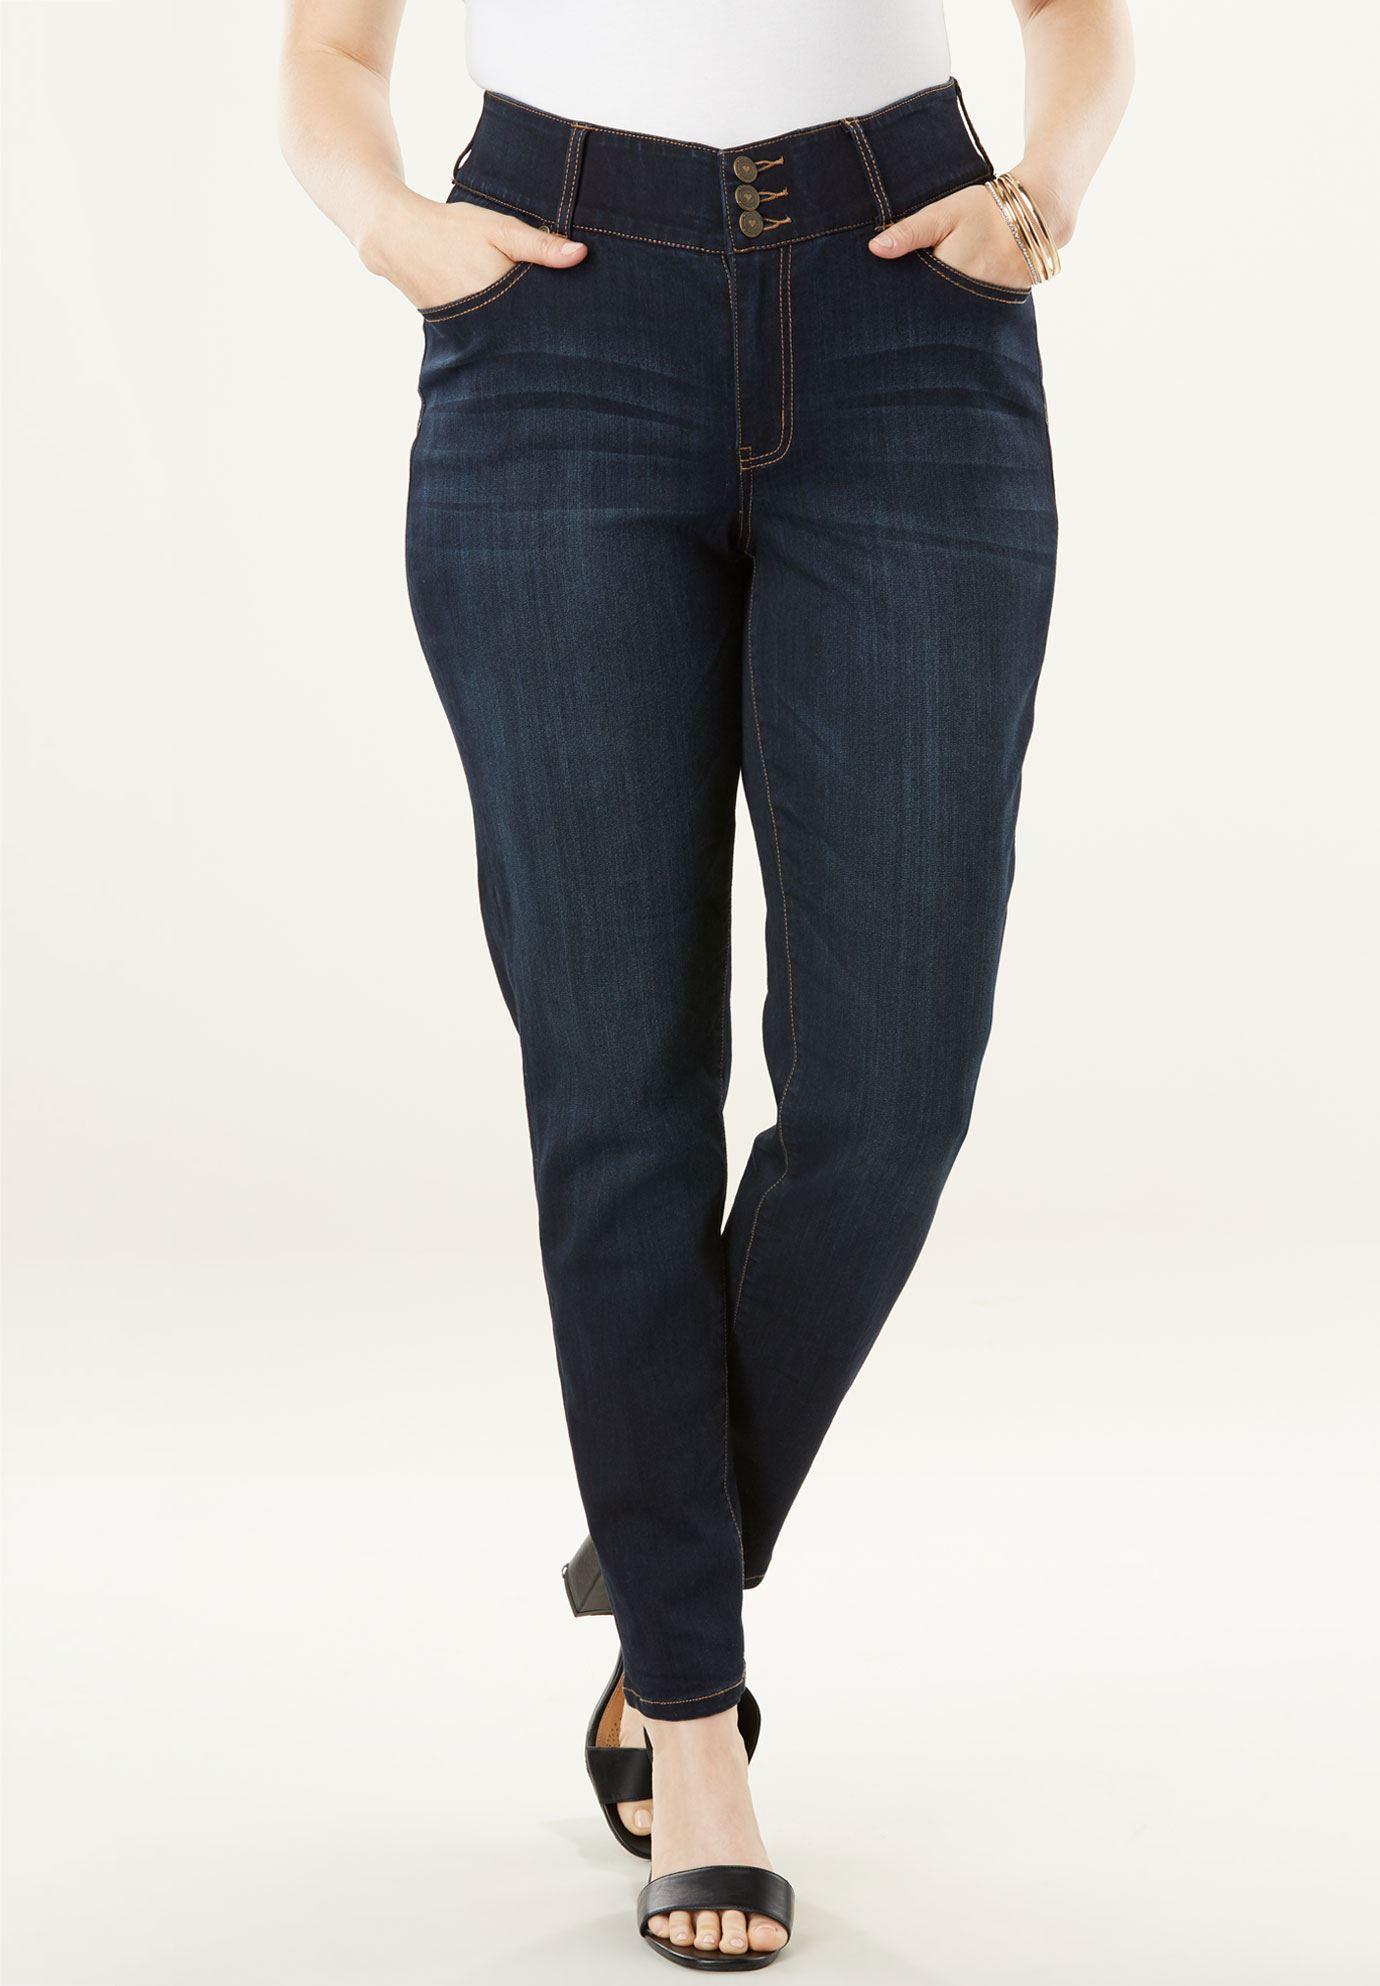 The Curvy Skinny Jean By Denim 24 7R